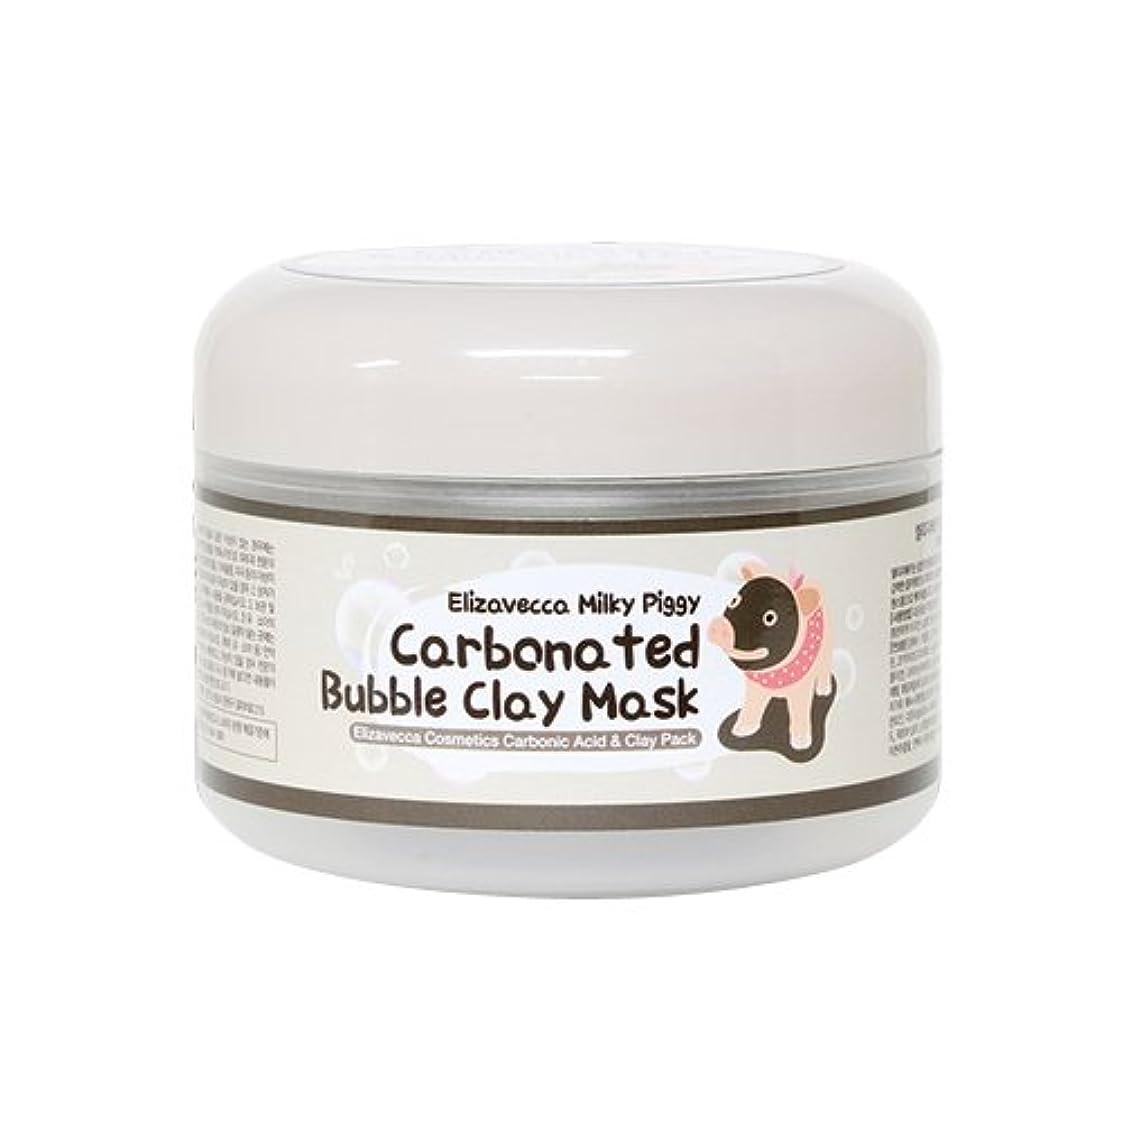 関数つぶやき潜む[Elizaecca/エリザベカ/SESALO]炭酸バブルクレイマスク/Carbanated bubble clay mask[海外直送品]